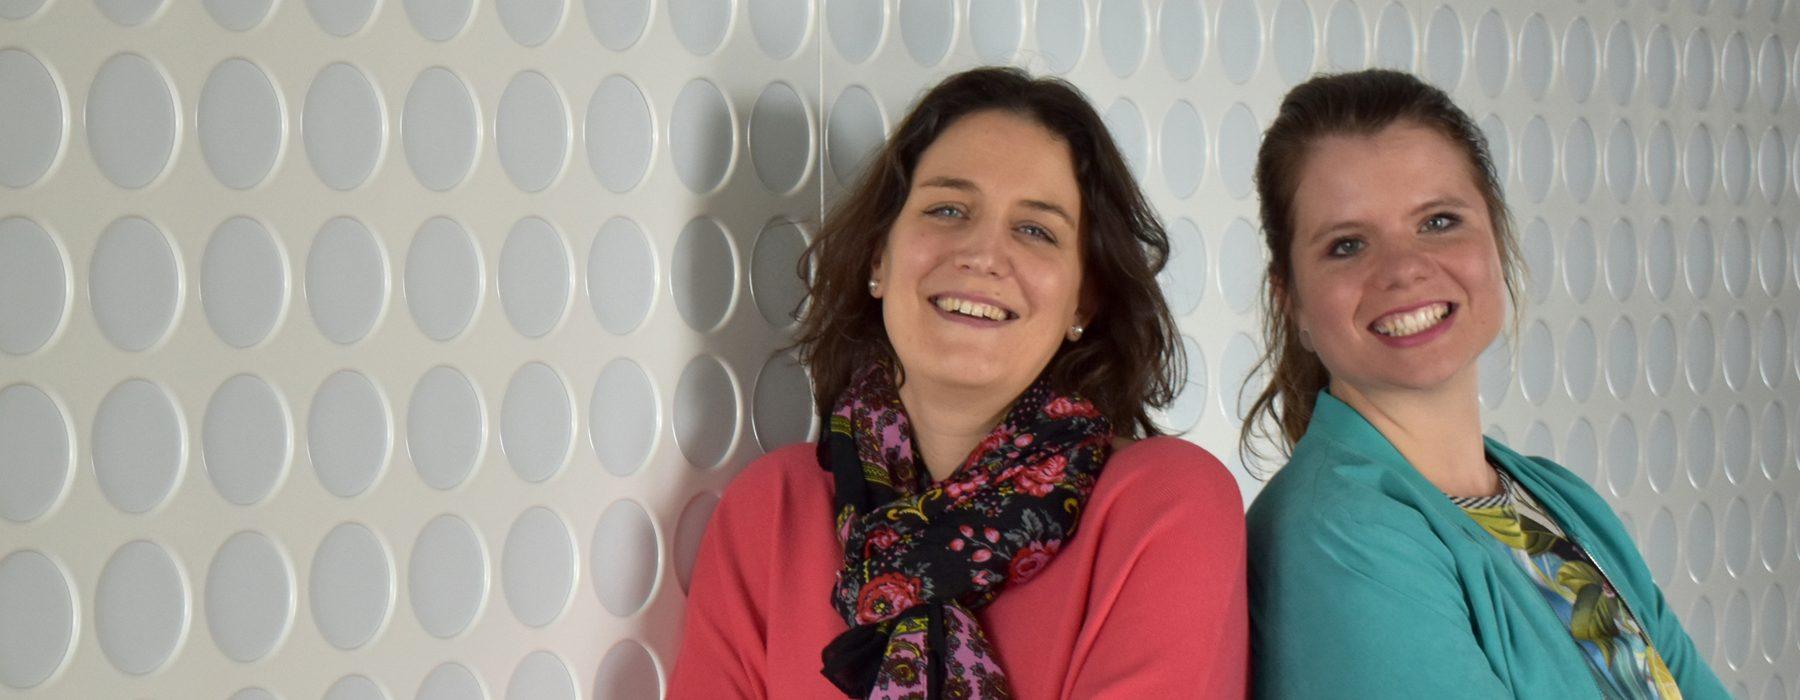 Laura y Verena: «Si te atreves a hacer algo nuevo, crecerás profesional y personalmente»